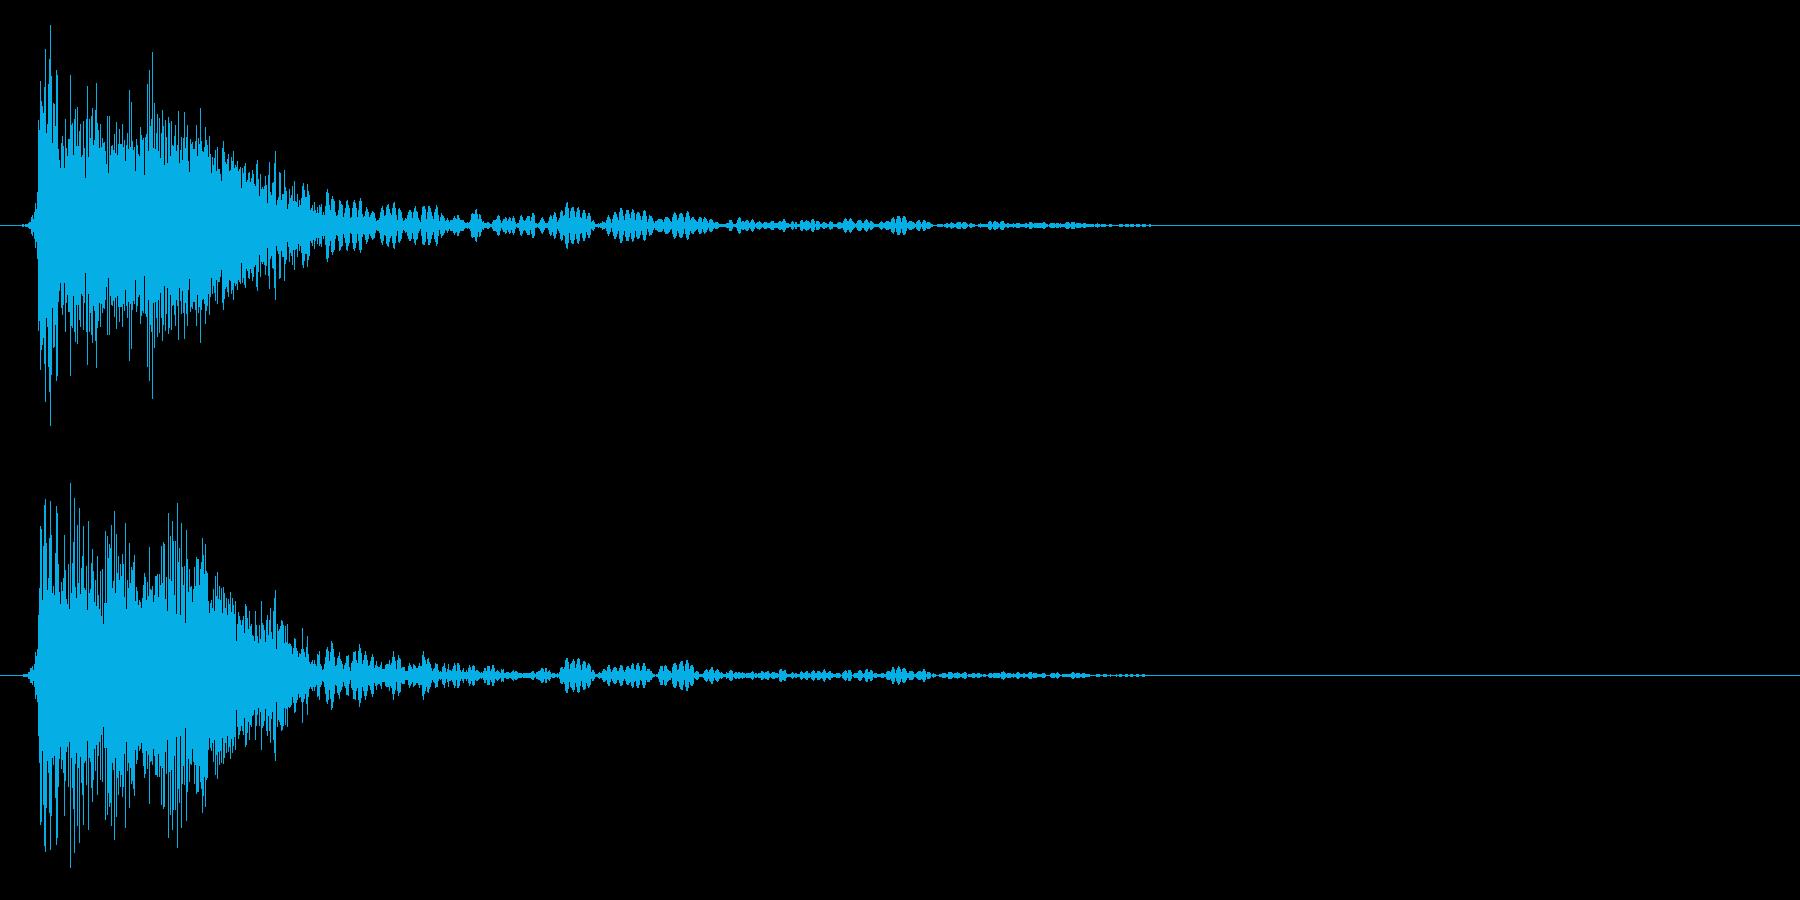 ジャン/クイズ/フリップボード/オケヒの再生済みの波形